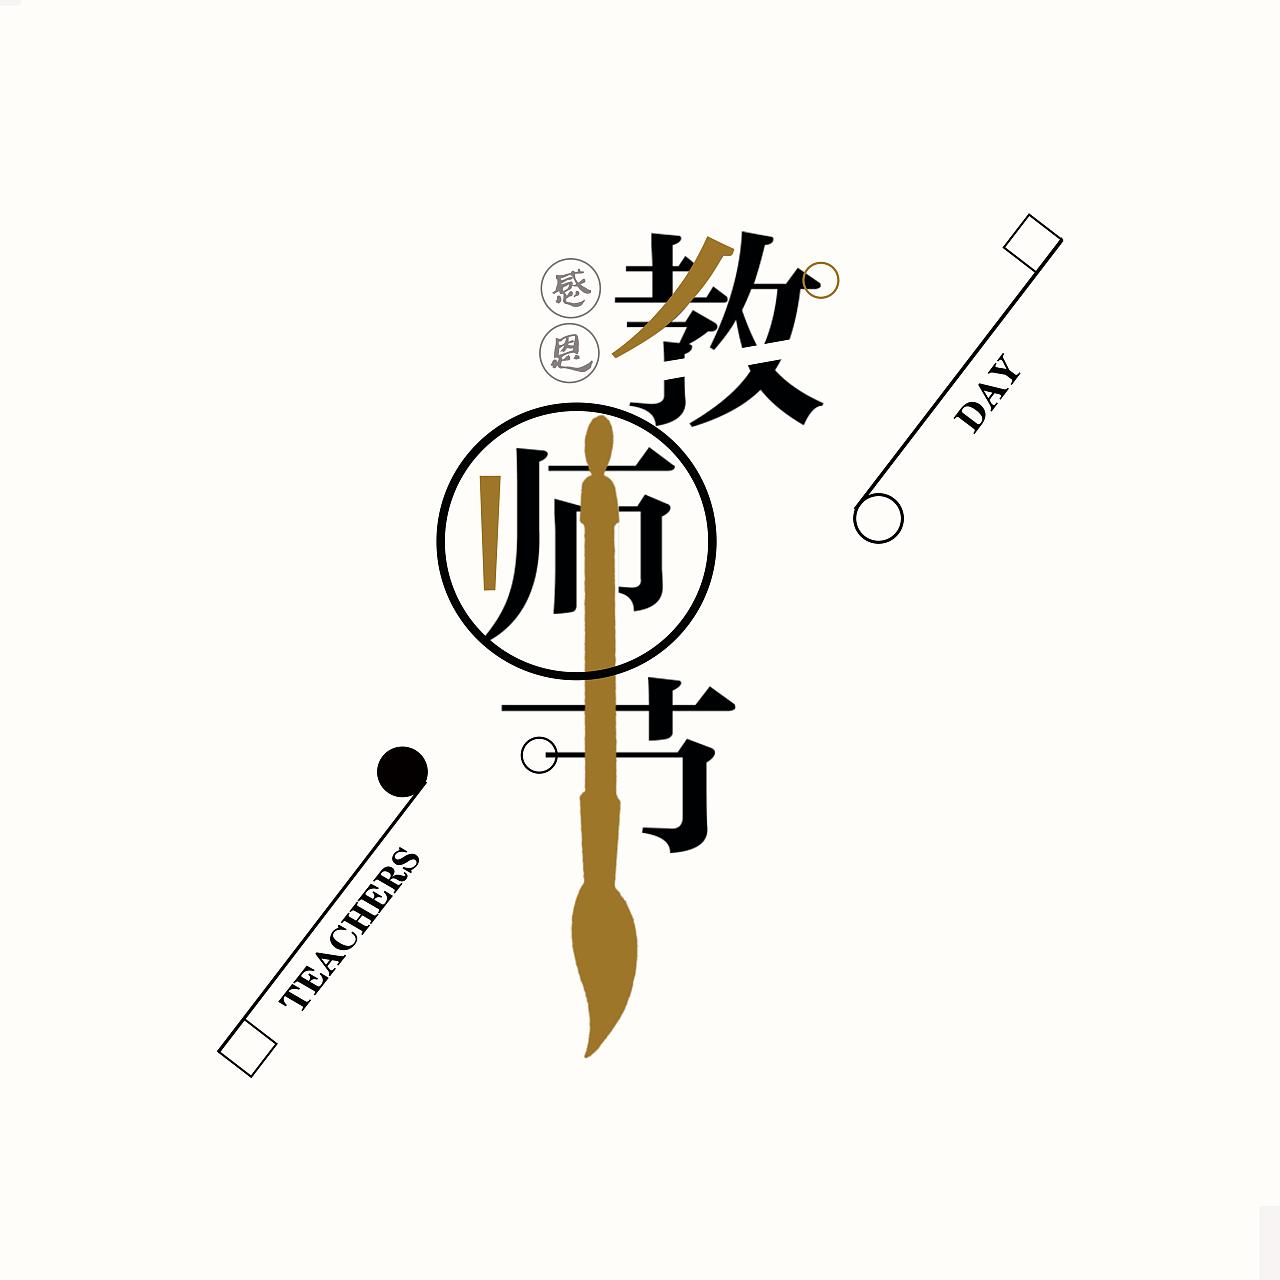 教师节字体变形设计!     图片